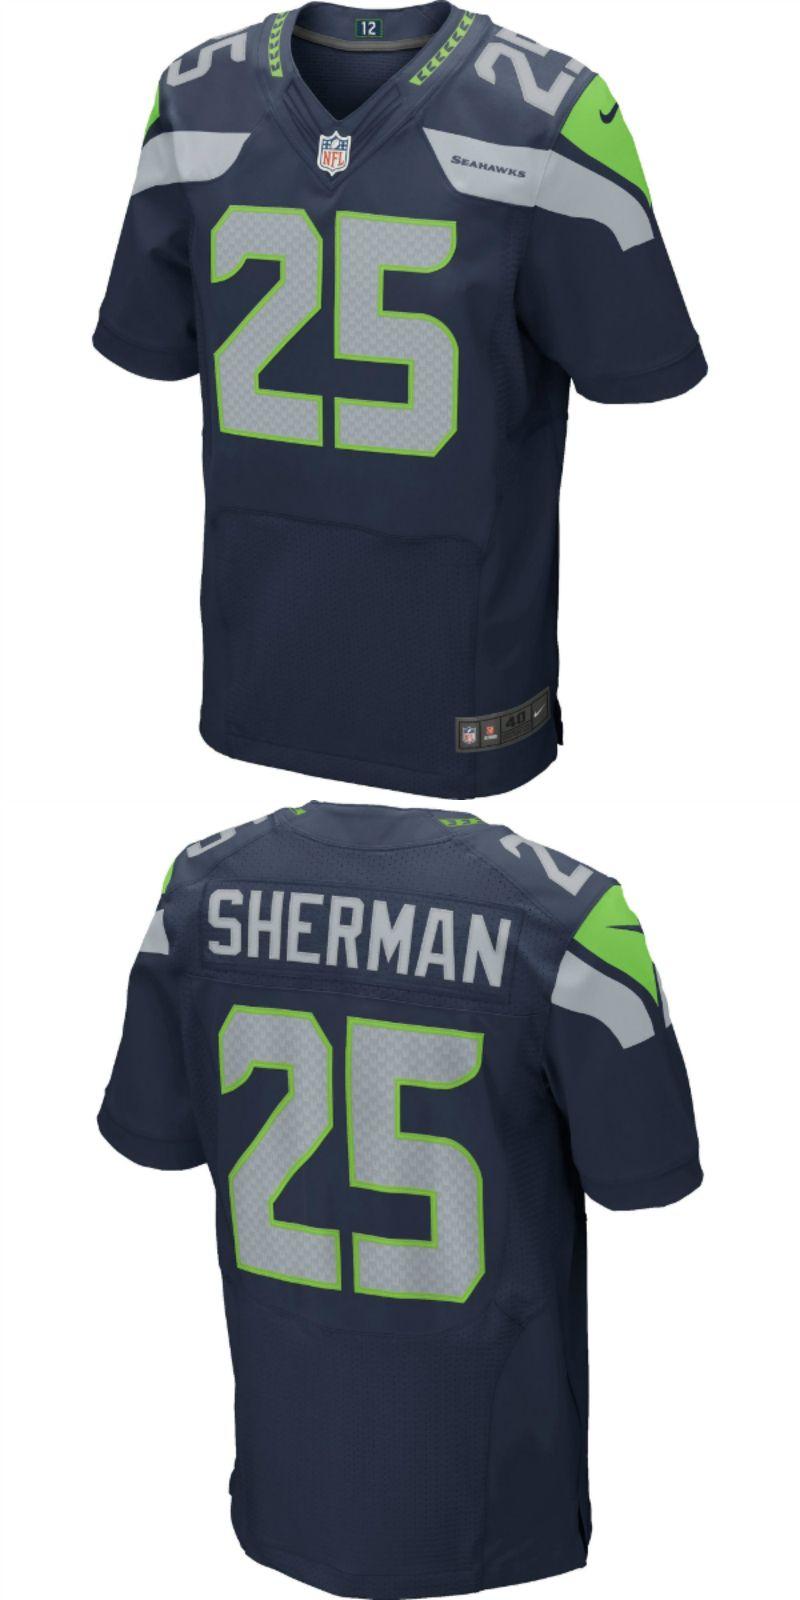 best service 650ec fe011 Richard Sherman Seattle Seahawks Football Jersey | NFL ...